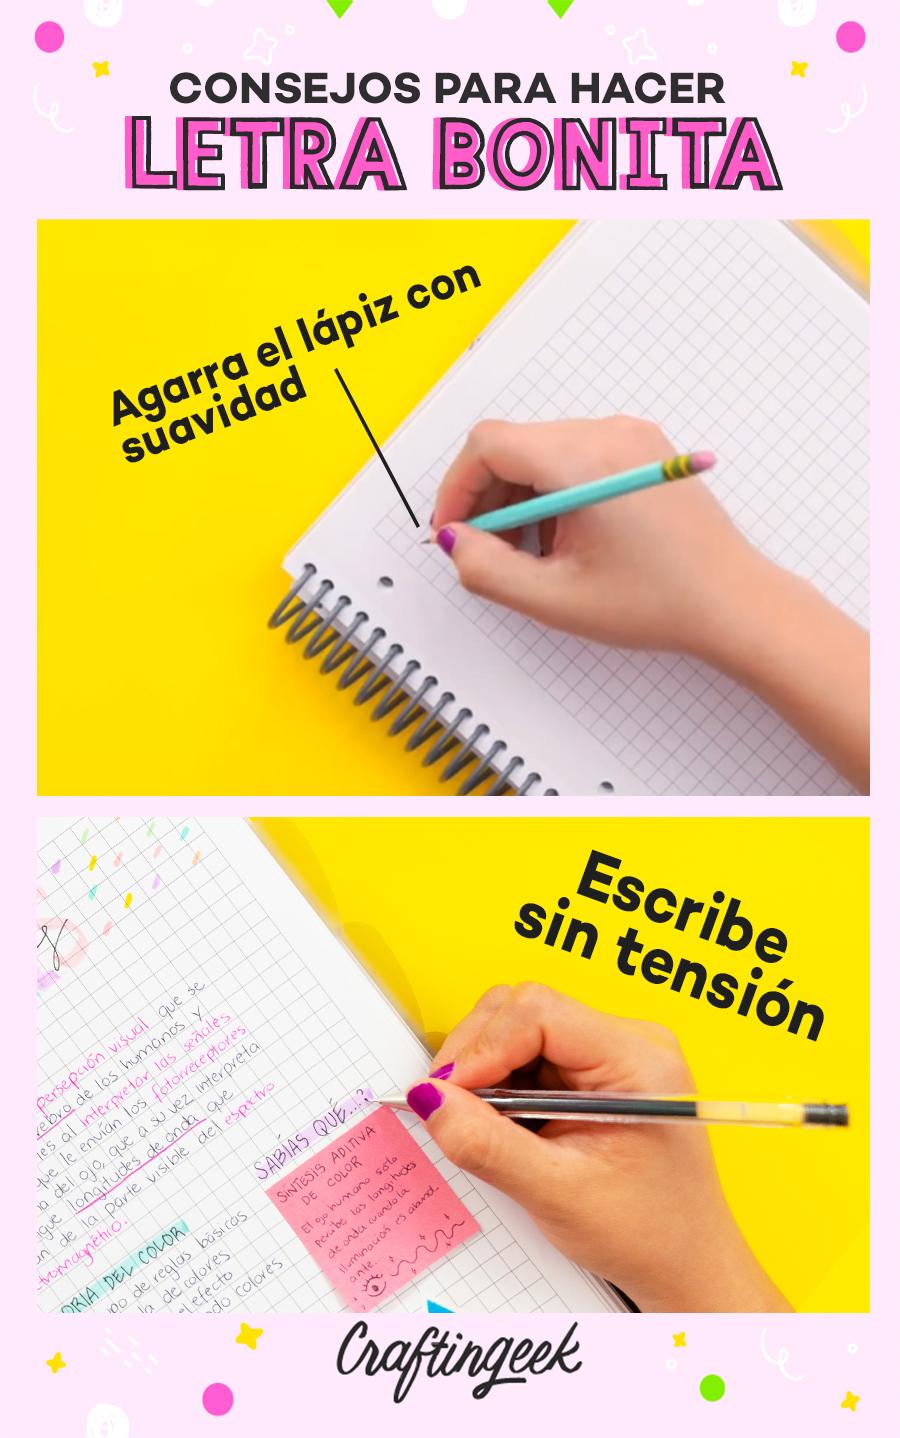 Consejos para mejorar tu letra: Sujeta el lápiz con suavidad